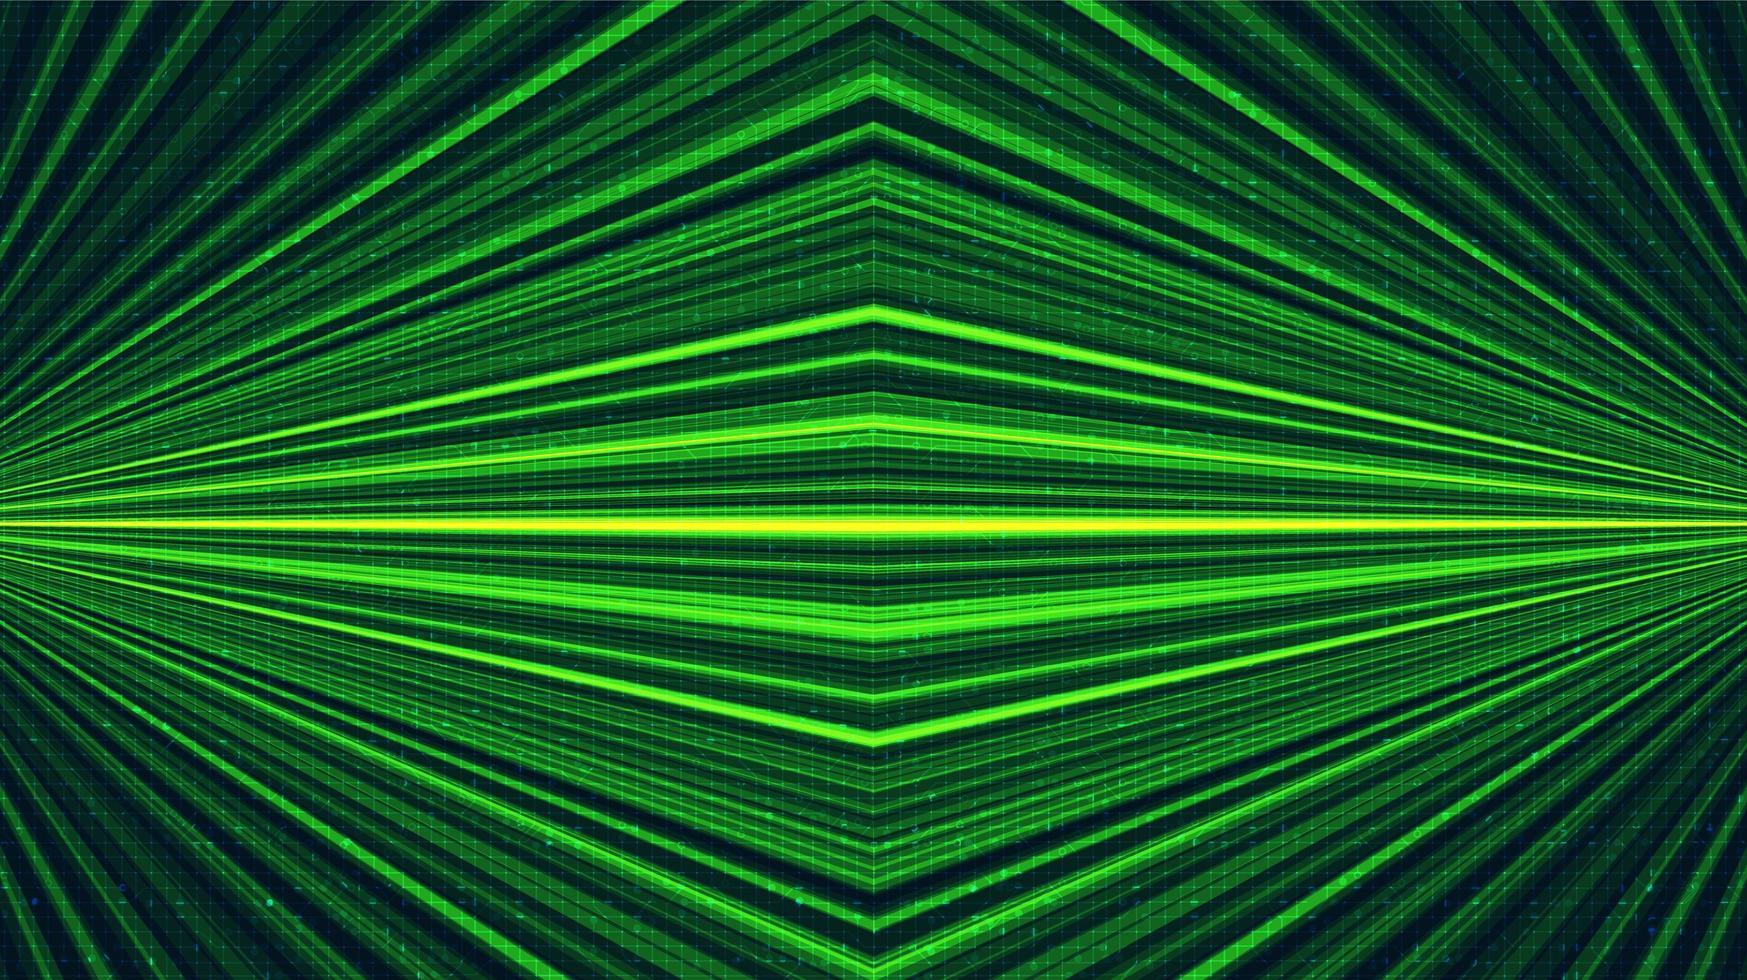 fond de technologie laser vert, conception de concept numérique et de connexion, illustration vectorielle. vecteur